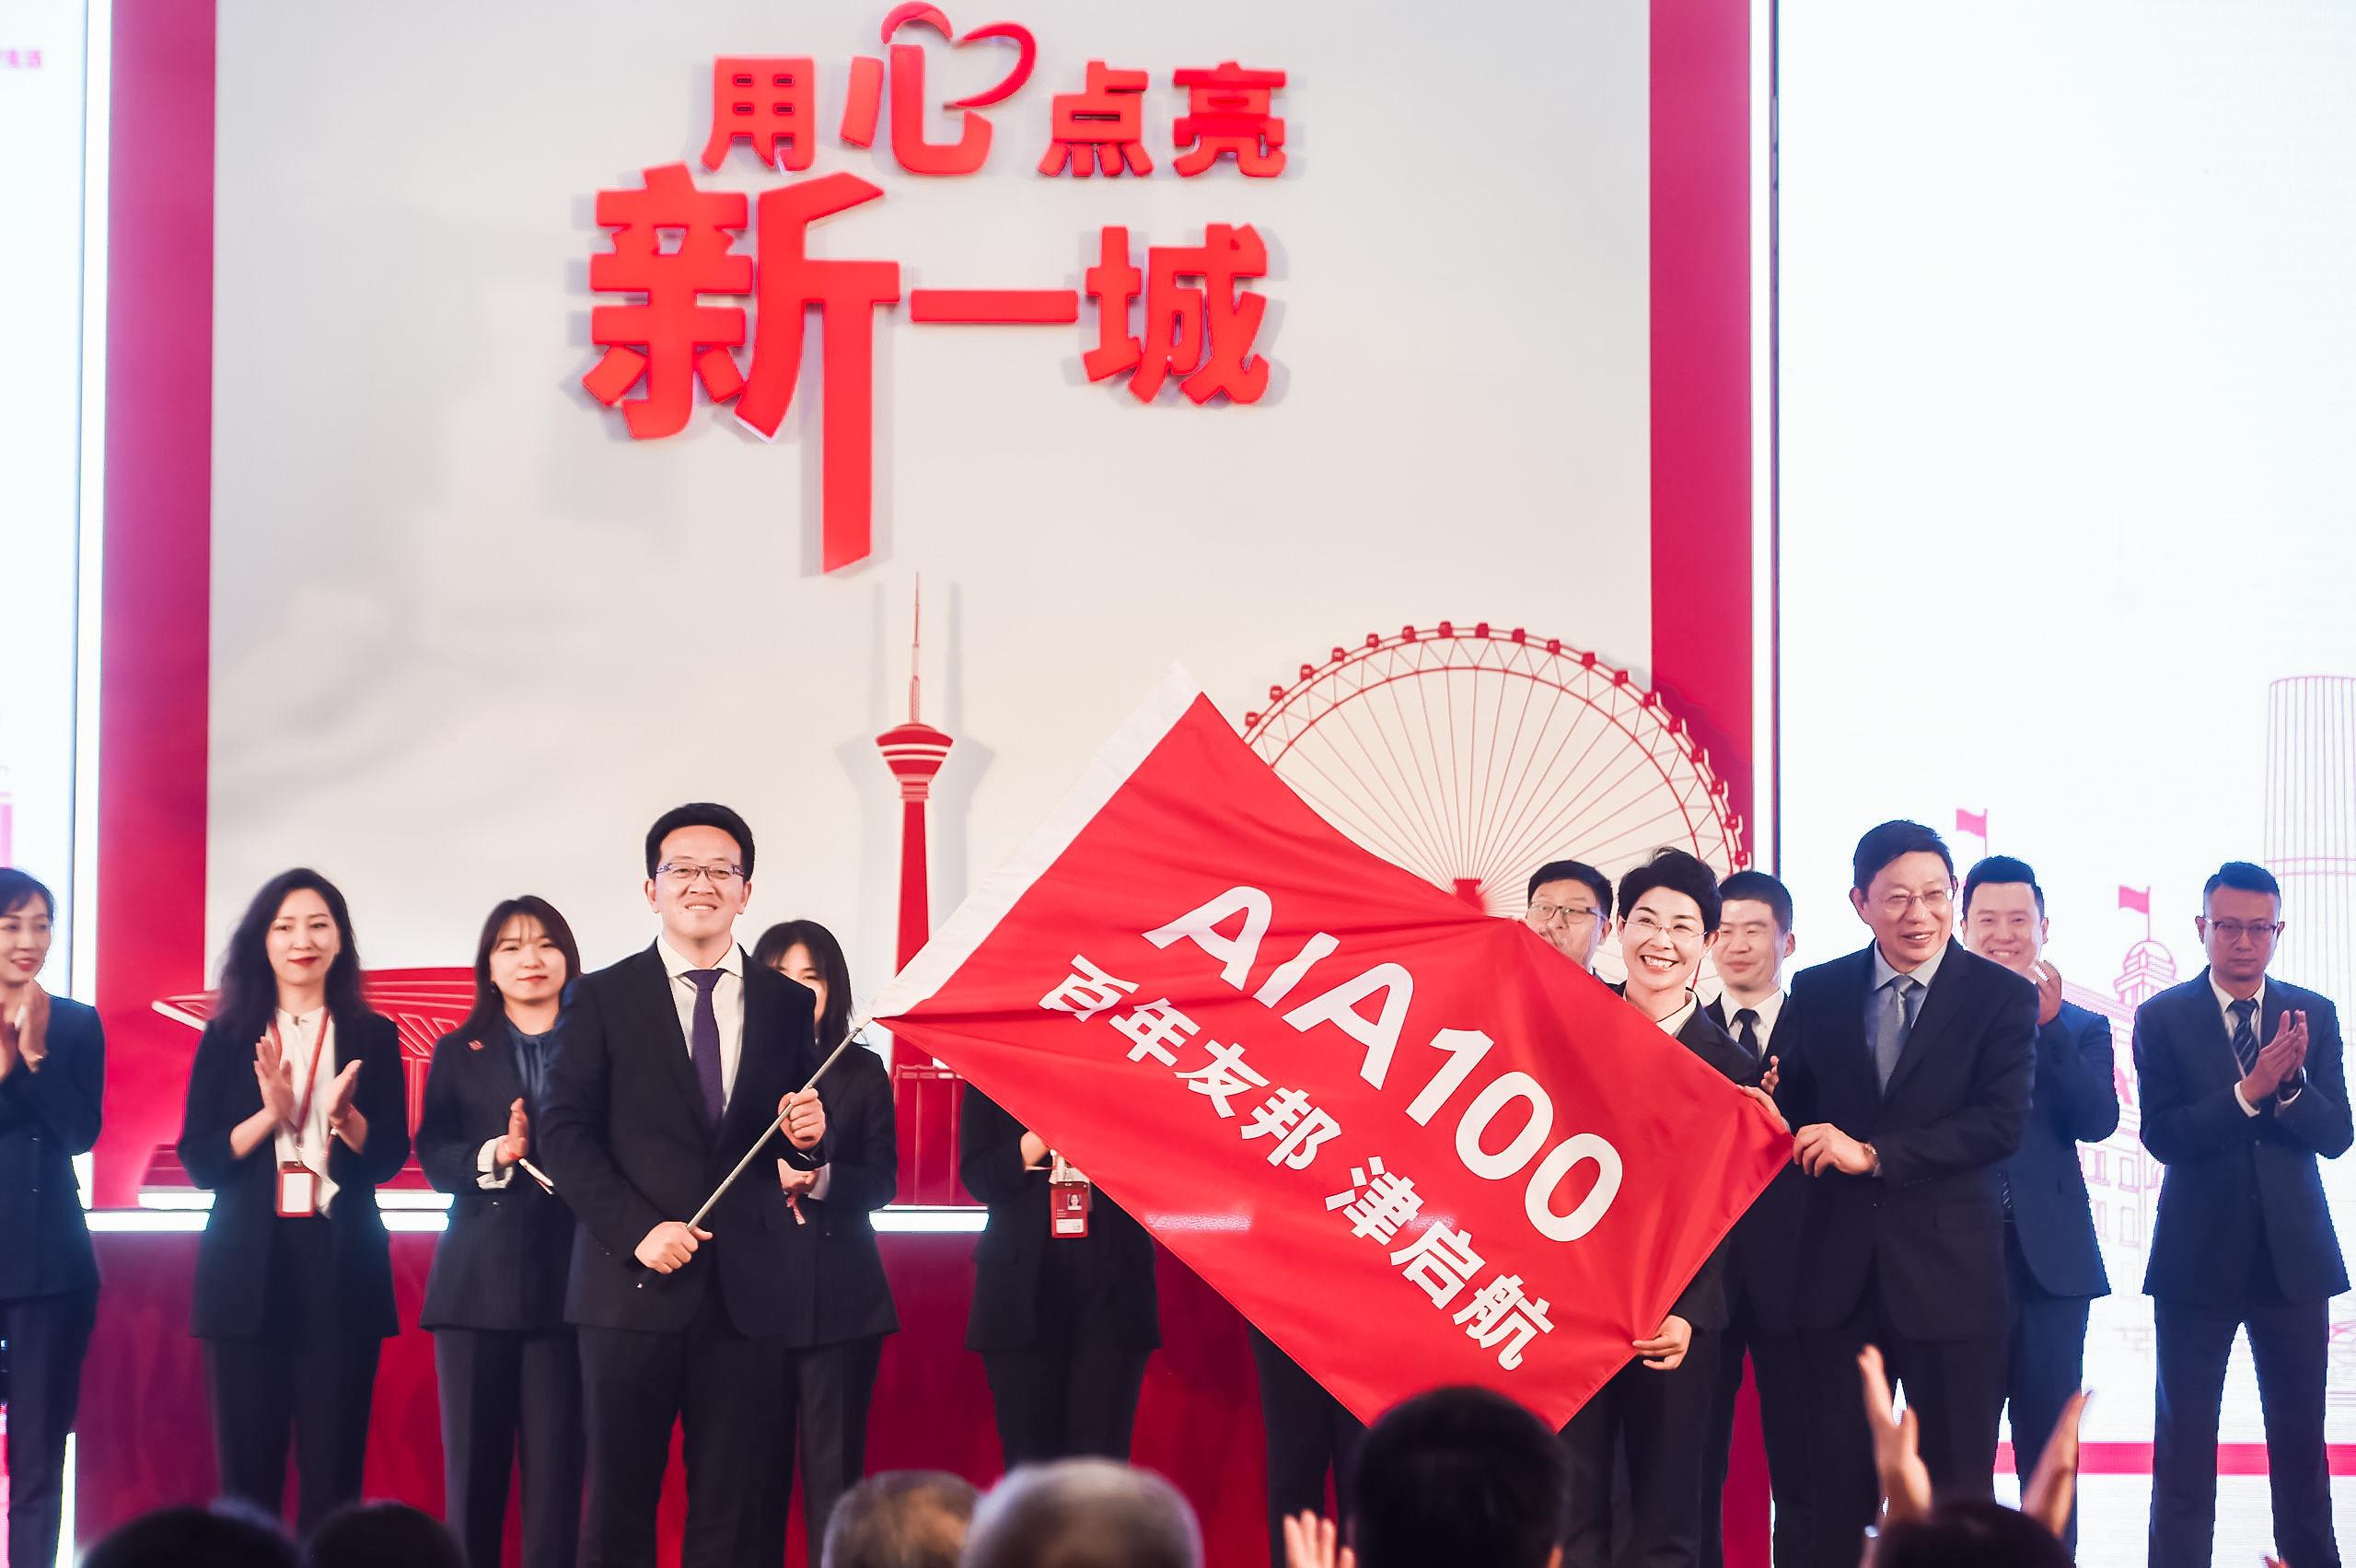 友邦保险有限公司天津营销服务部开业典礼授旗仪式